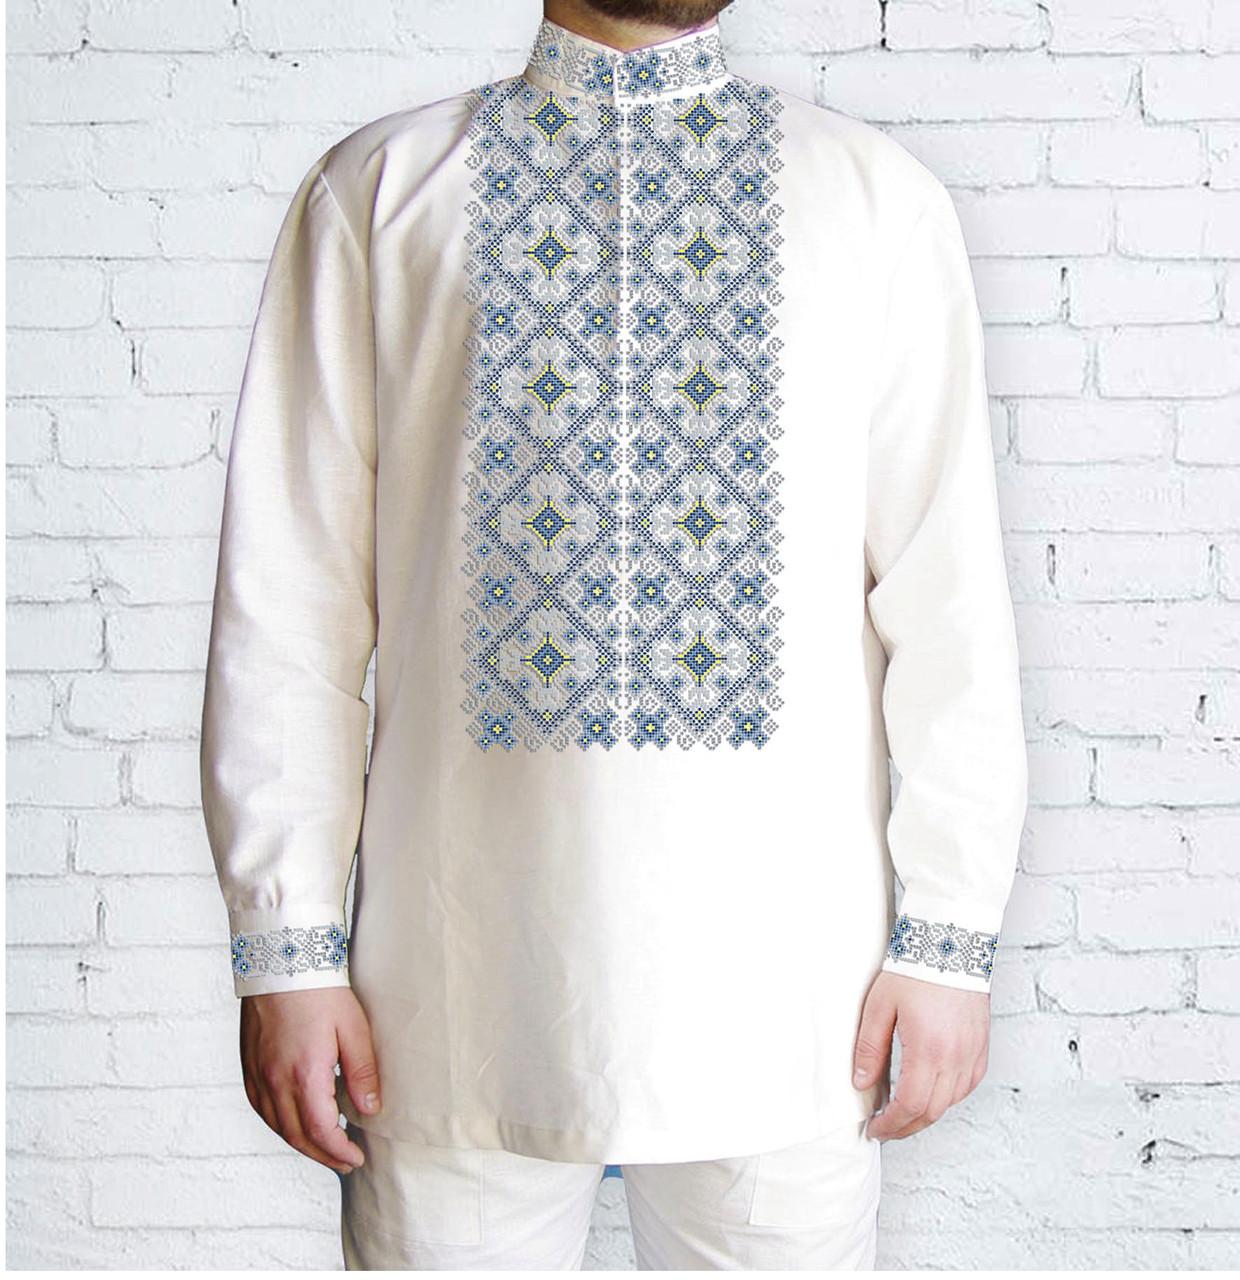 Заготовка чоловічої сорочки та вишиванки для вишивки чи вишивання бісером Бисерок «Орнамент 595 Г» (Ч-595 Г )